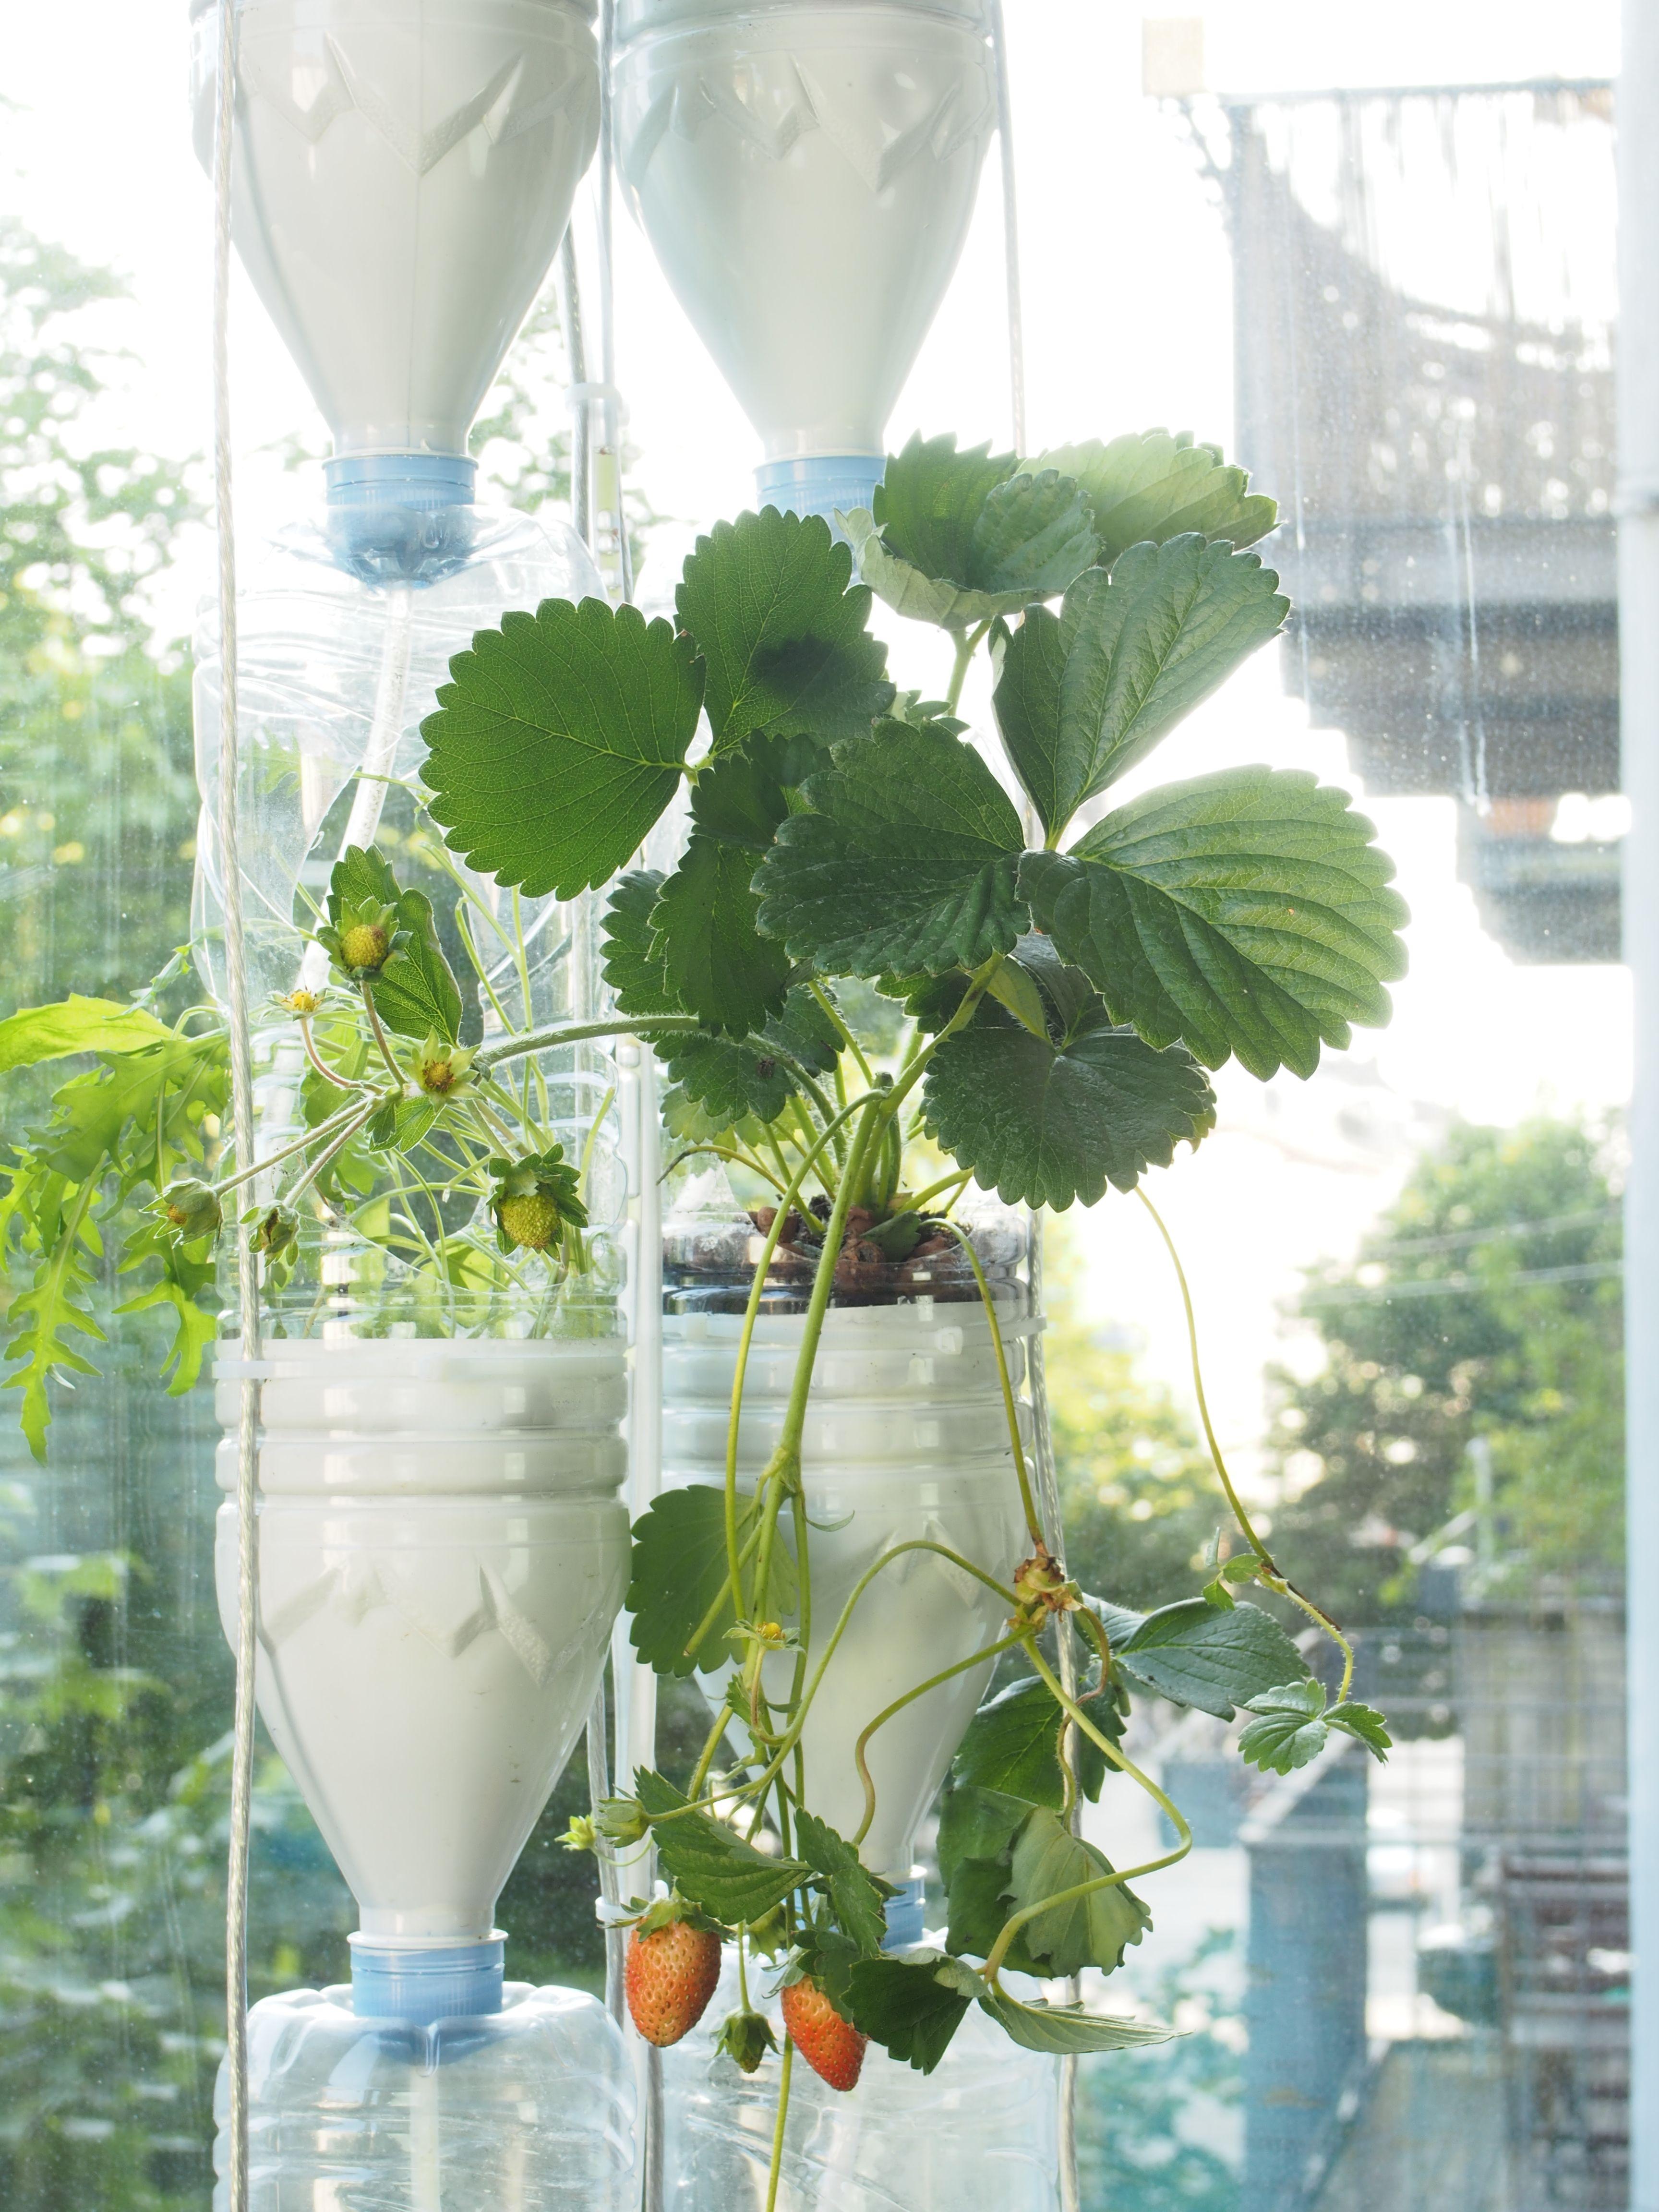 Mühelos lässt sich aus einer Pet-Flasche ein Minigarten für den ...